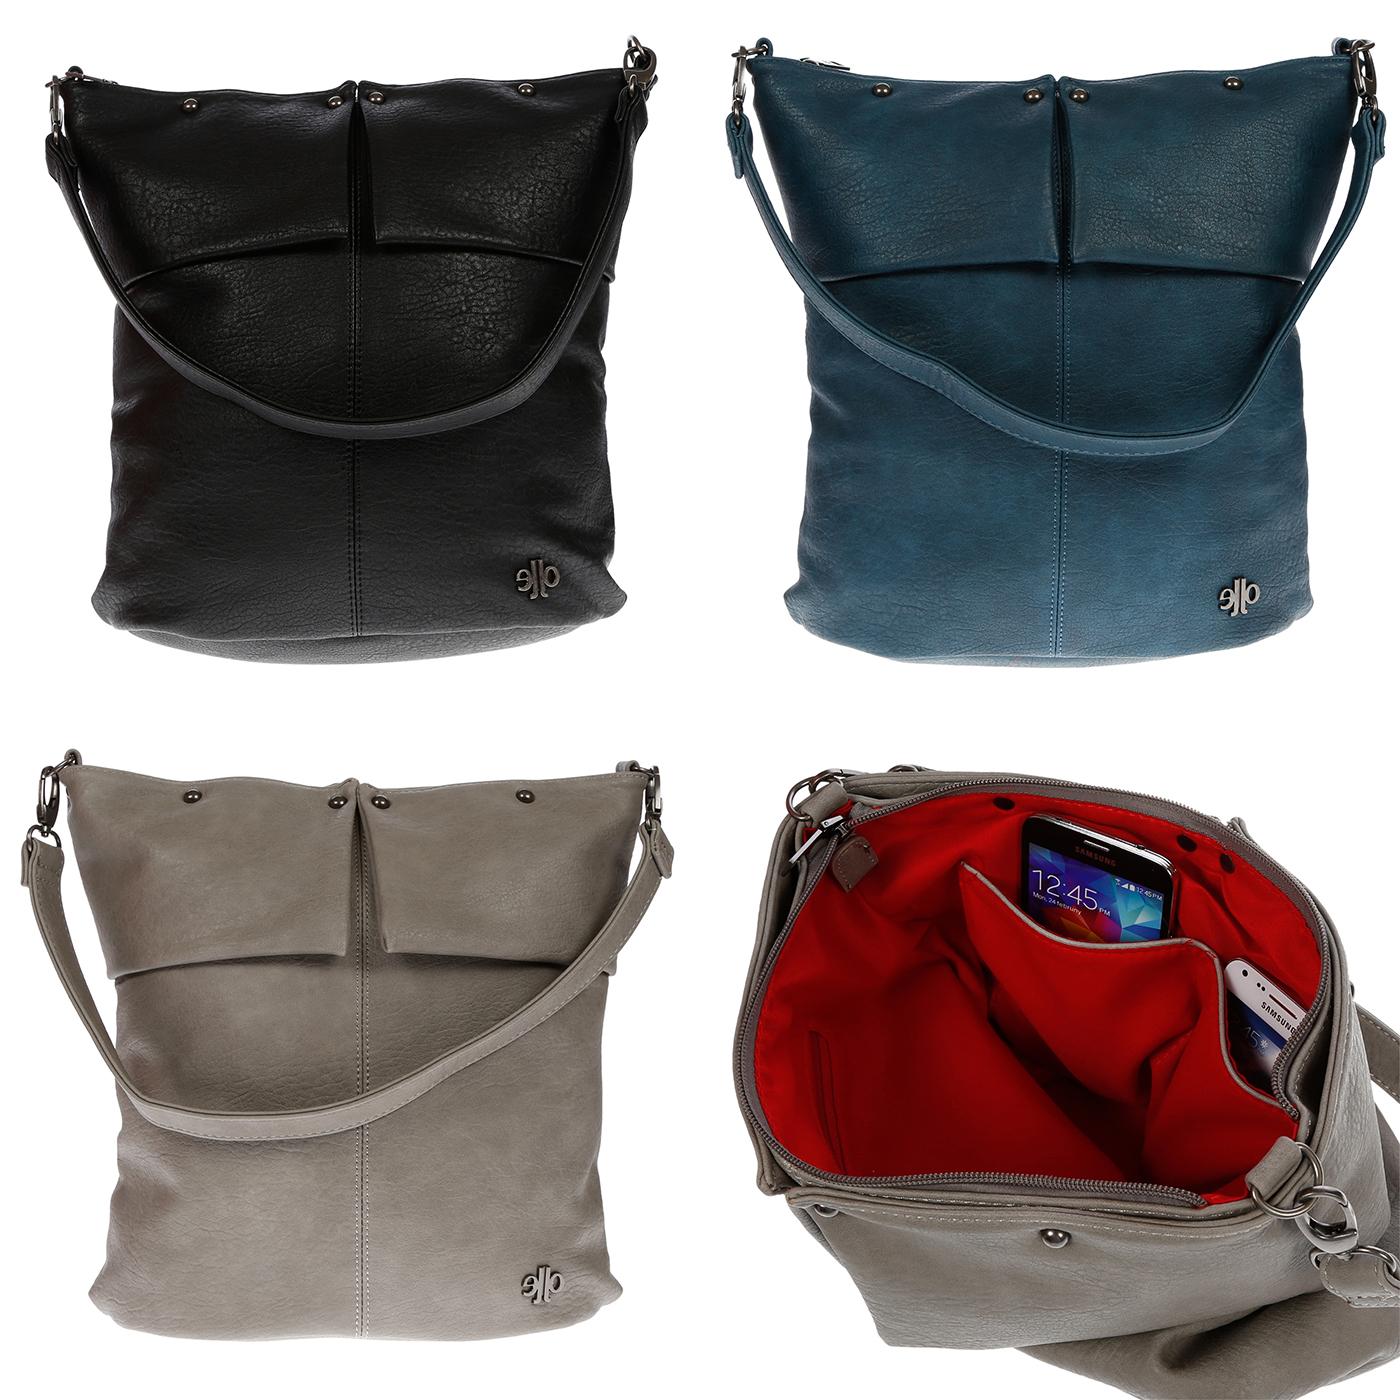 Damentasche-Umhaengetasche-Handtasche-Schultertasche-Leder-Optik-Tasche-Schwarz Indexbild 11